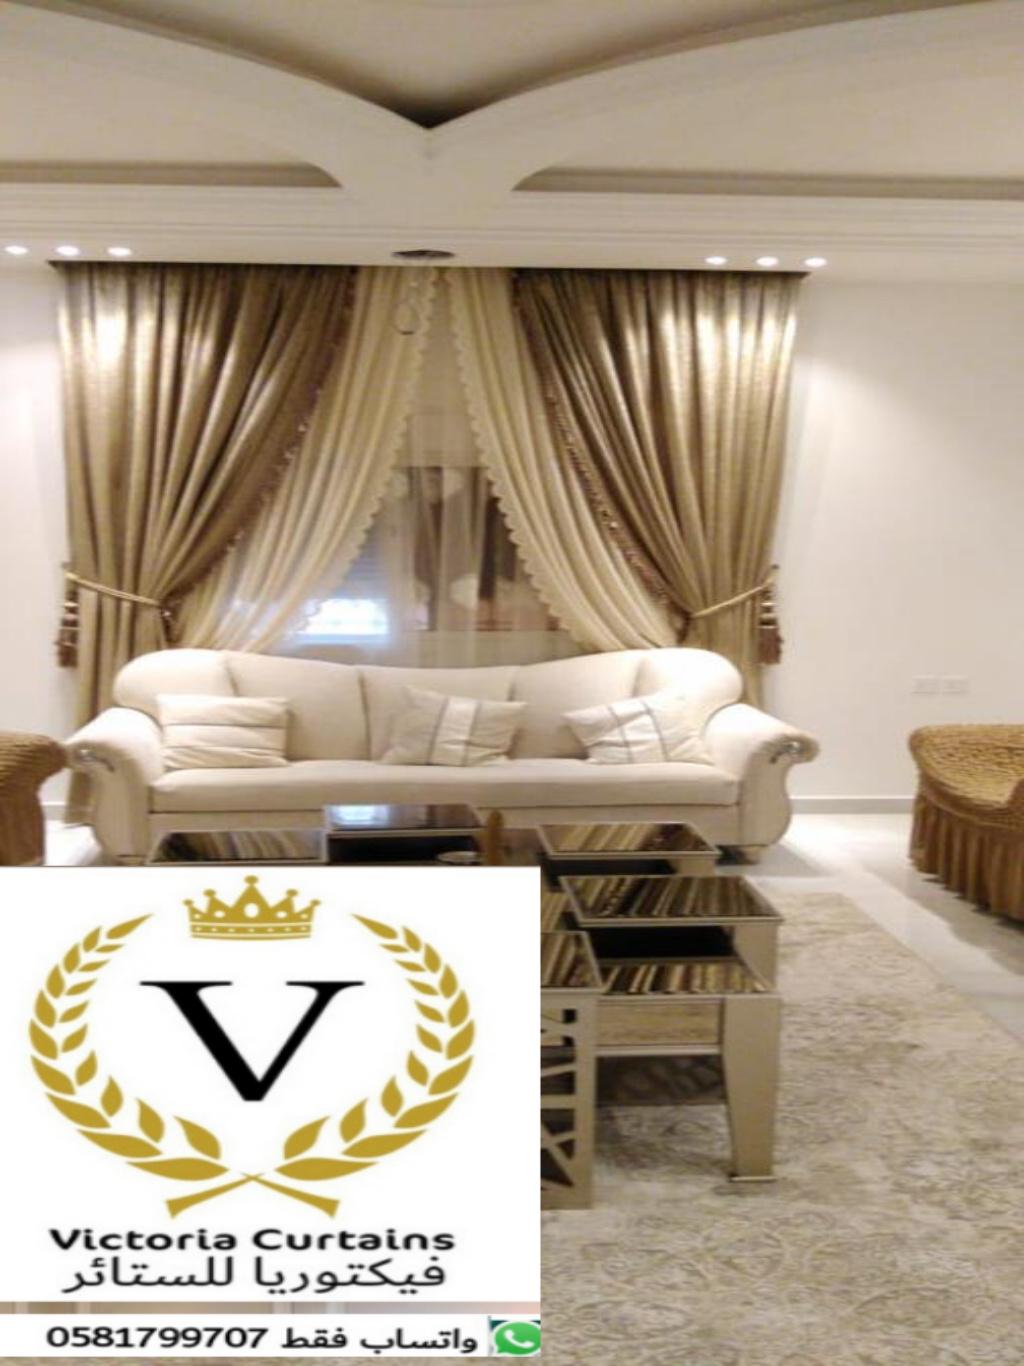 .. فيكتوريا للستائر بالرياض اختيارك لتفصيل ستائر في الرياض،محلات تفصيل ستائر بالرياض  P_1699roq781